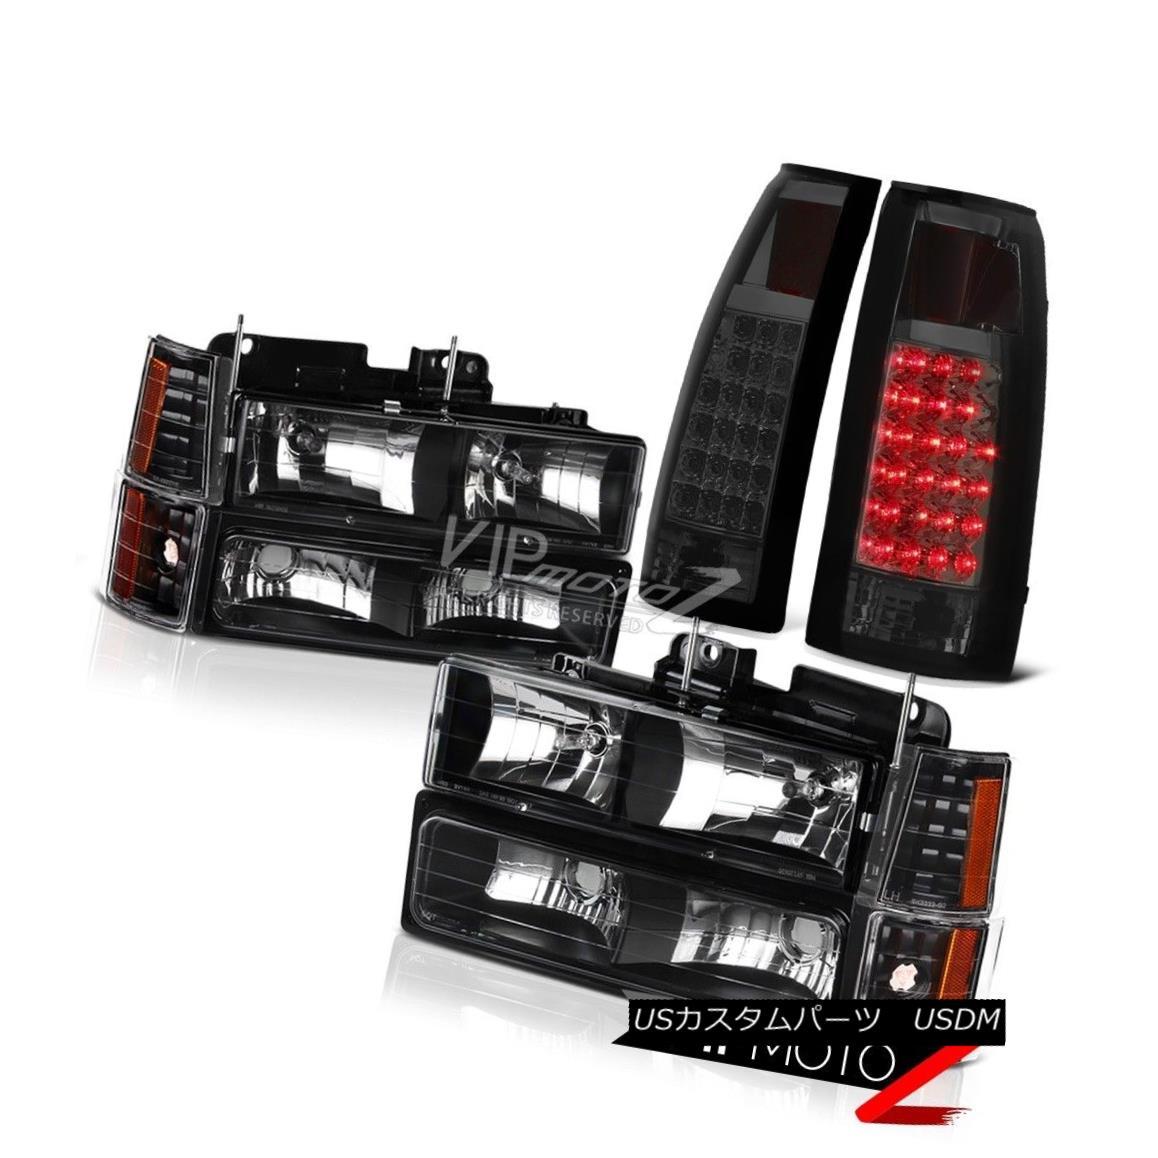 ヘッドライト GMC Suburban Sierra Yukon Black Front Head Light LED Rear Tail Lamp Brake Signal GMC郊外Sierra YukonブラックフロントヘッドライトLEDリアテールランプブレーキ信号